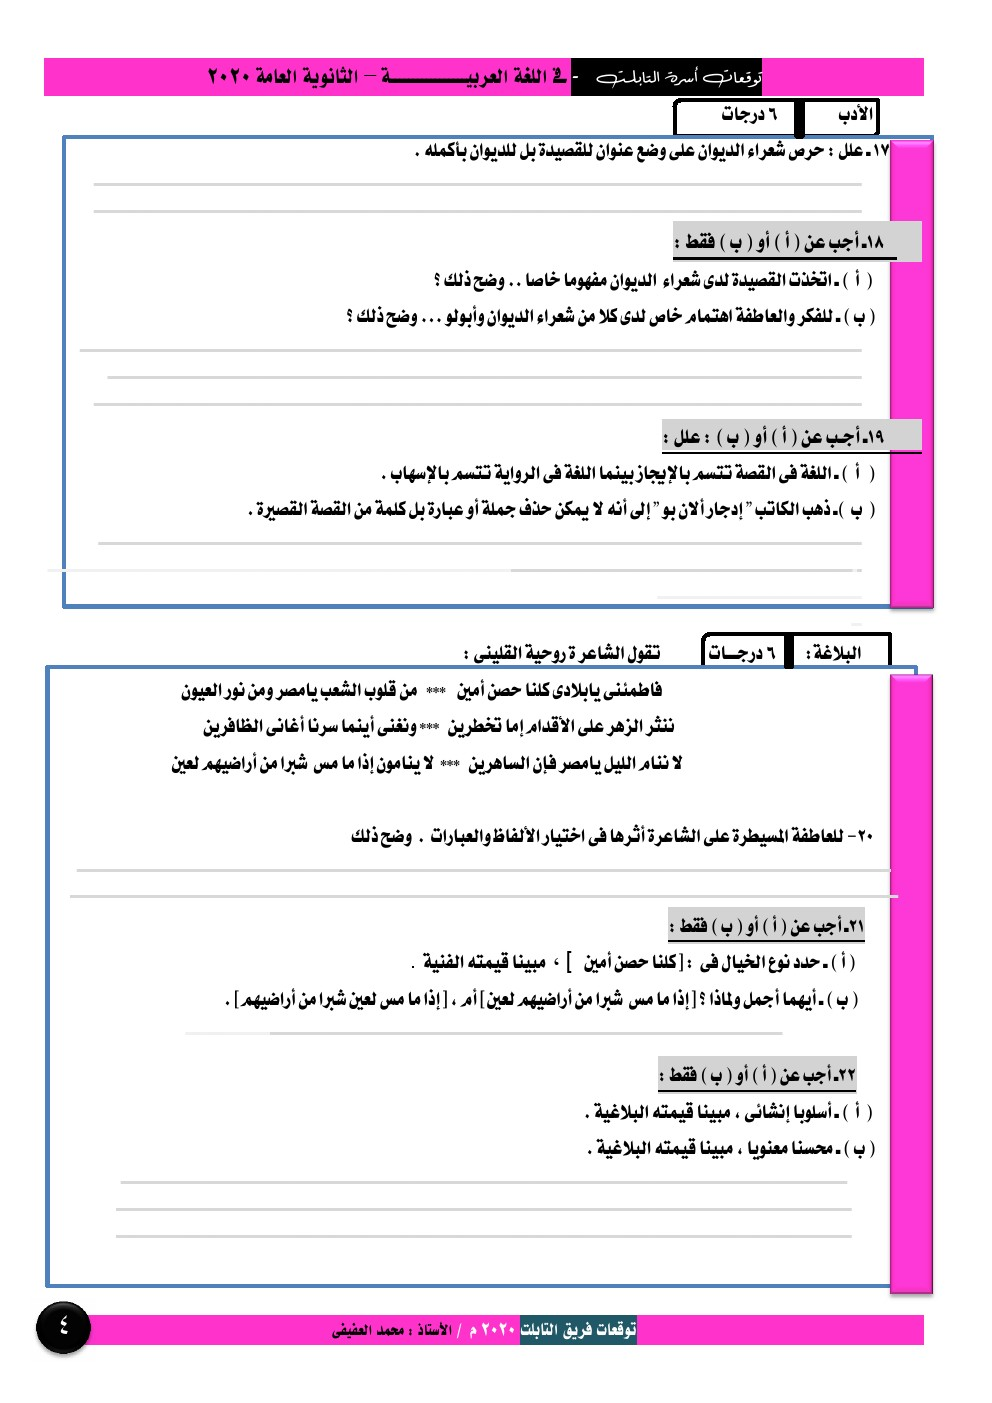 نماذج بوكليت لغة عربية متوقعة للصف الثالث الثانوى 2020 أ/ محمد العفيفي 4